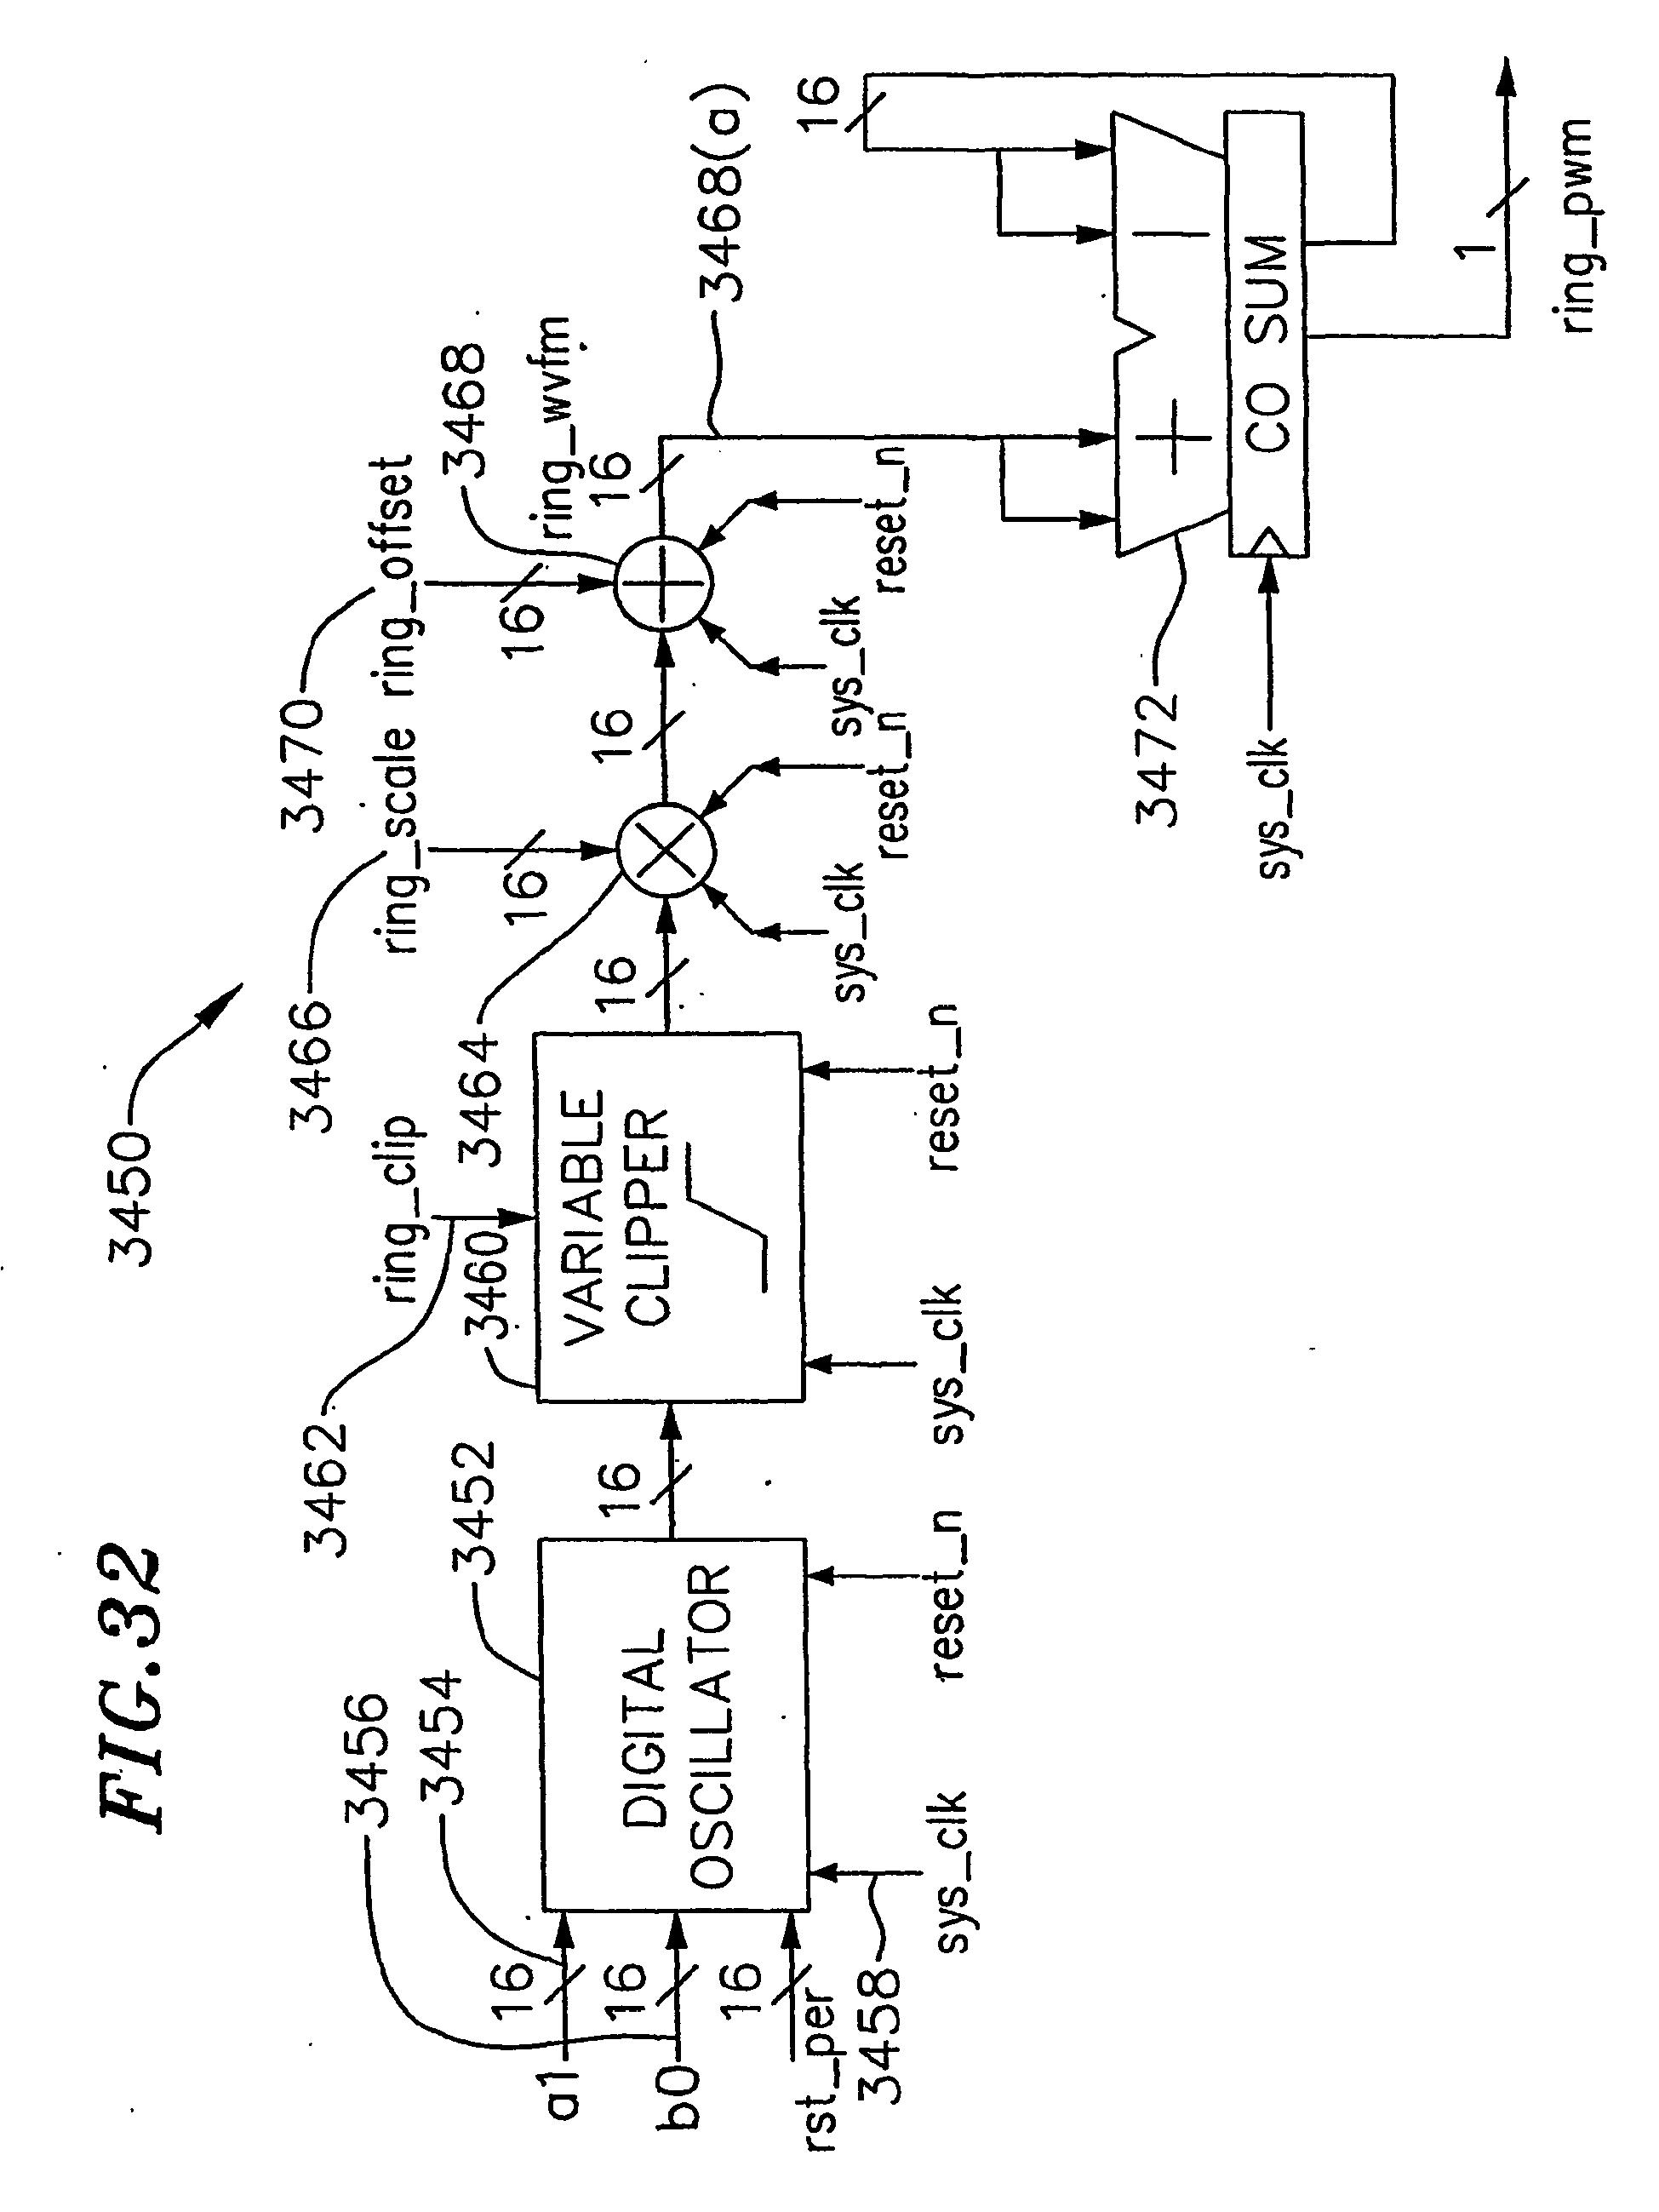 rj45 to rj12 pinout diagram free wiring diagram images